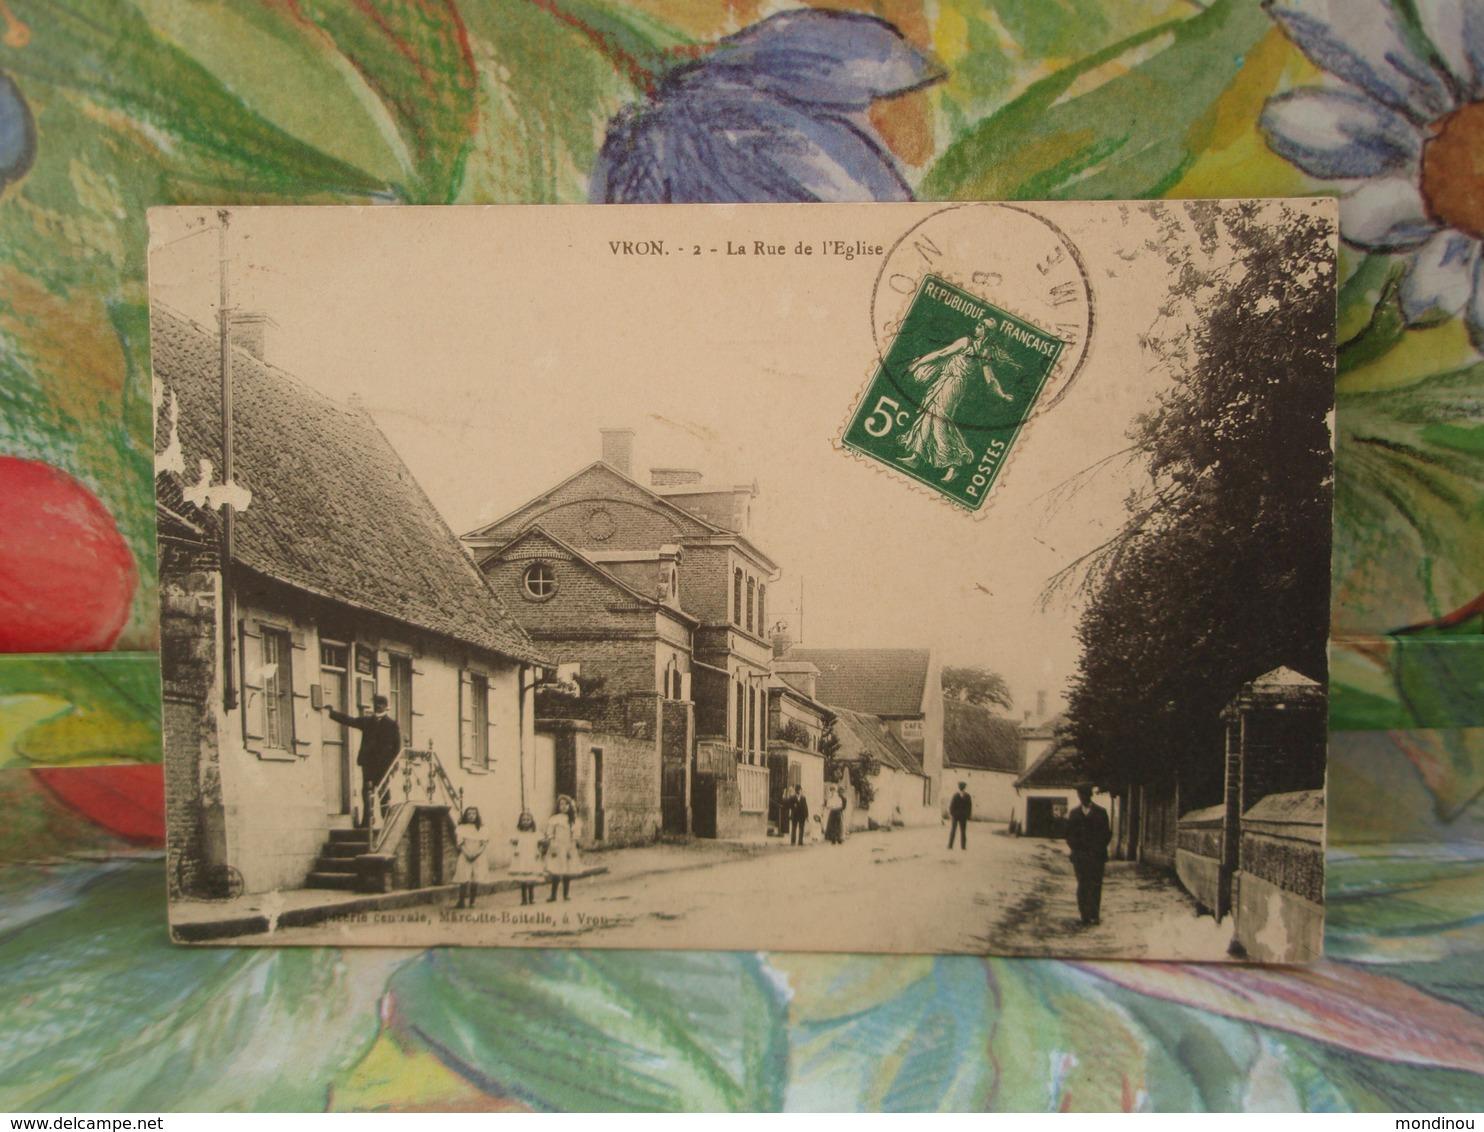 VRON La Rue De L'Eglise.1912 - France